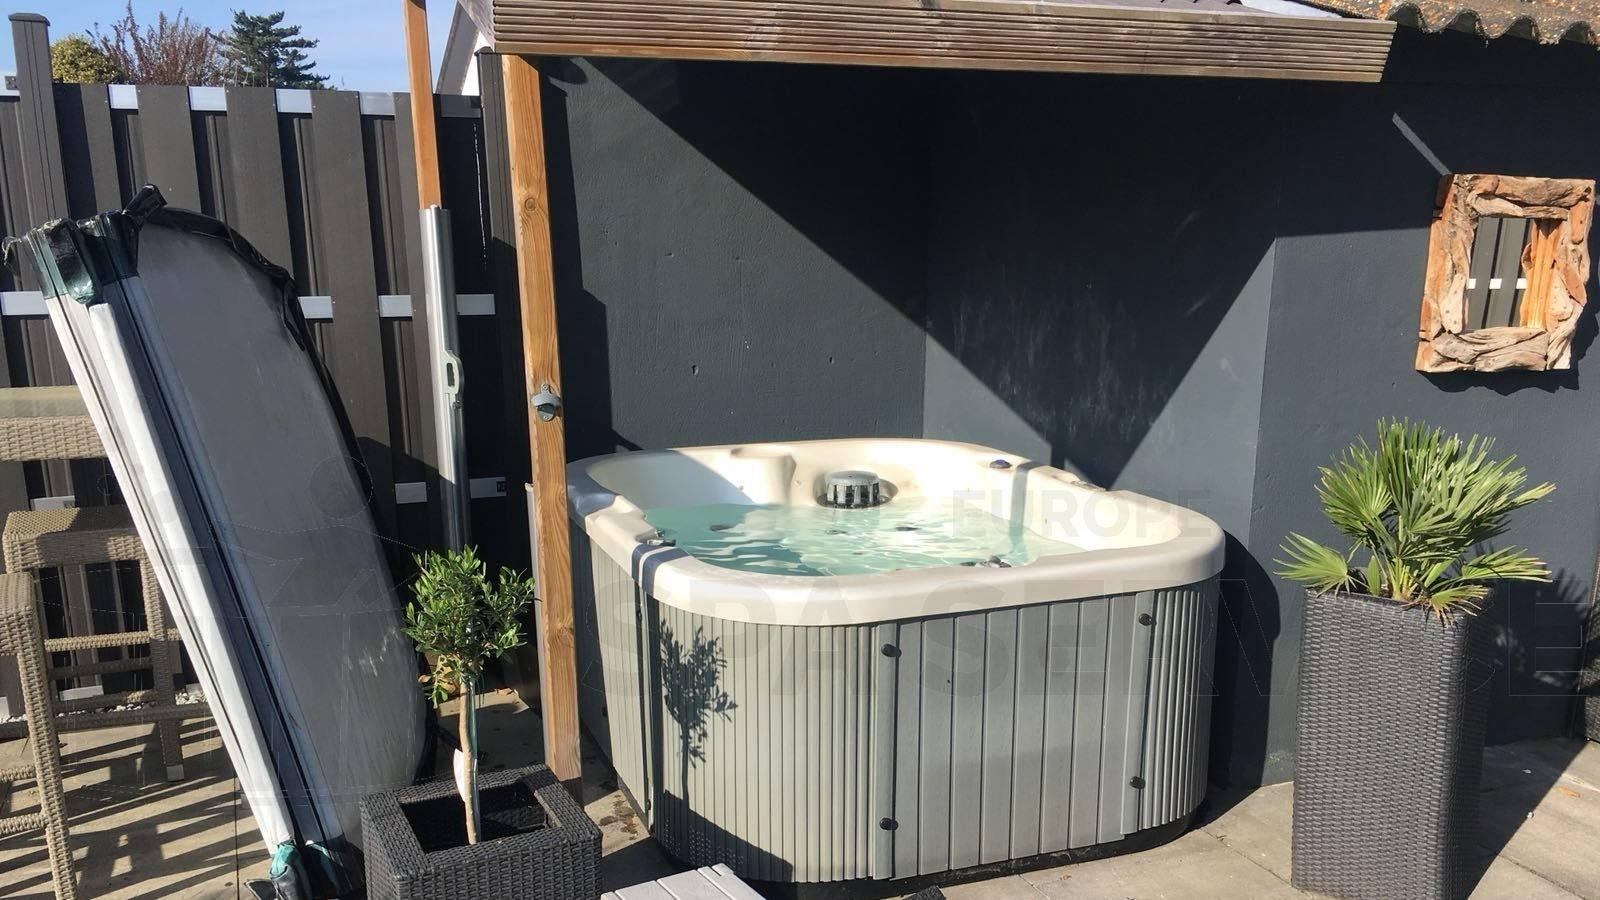 Reparatie verwarming van een Chinese spa in Munstergeleen België